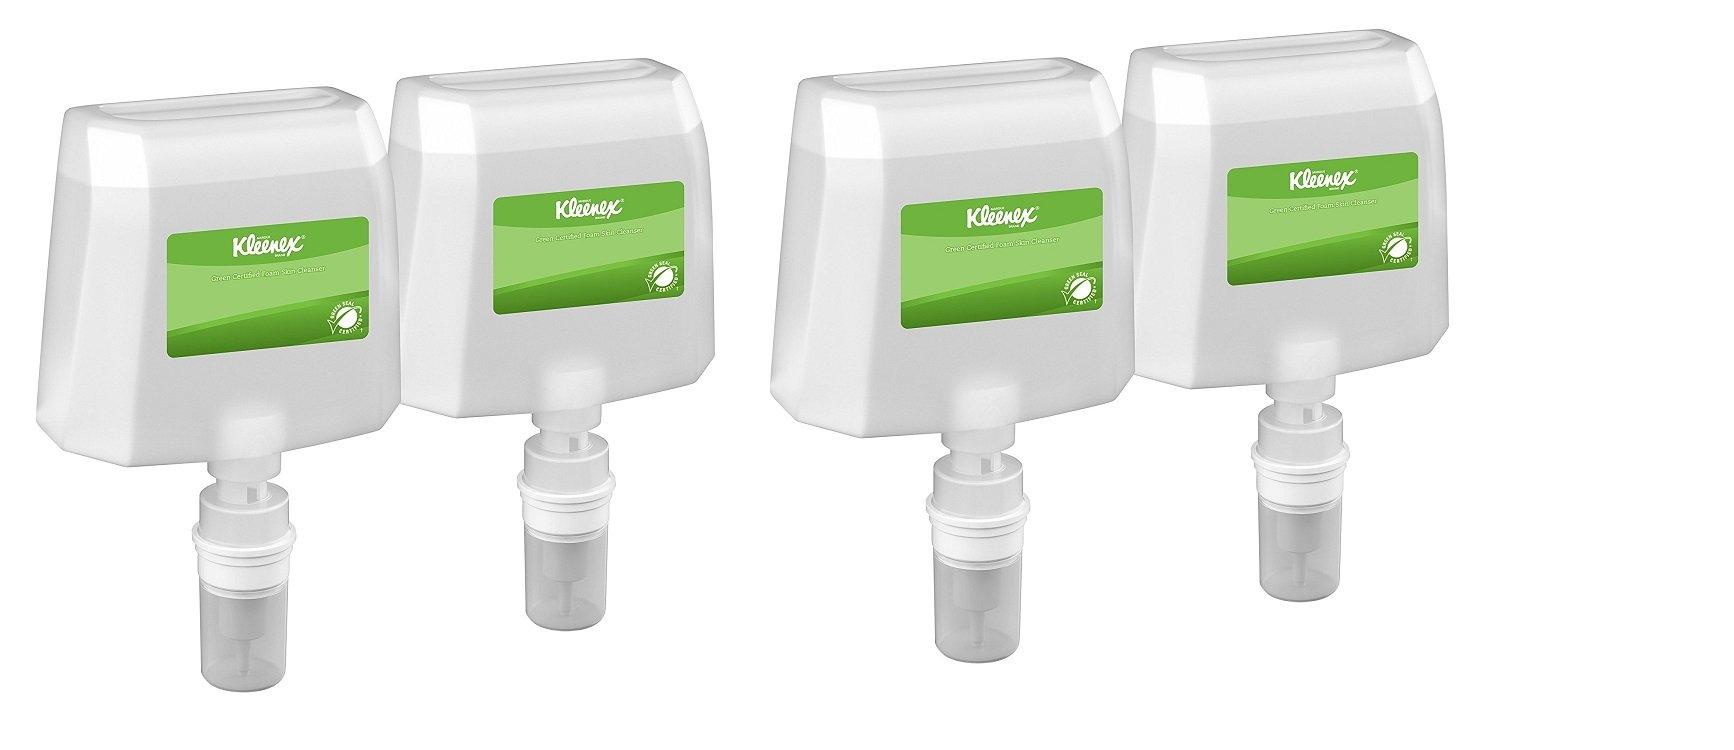 Kleenex 91591 Skin Cleanser Refill, Fragrance & Dye Free, 1200mL (PACK OF 4)